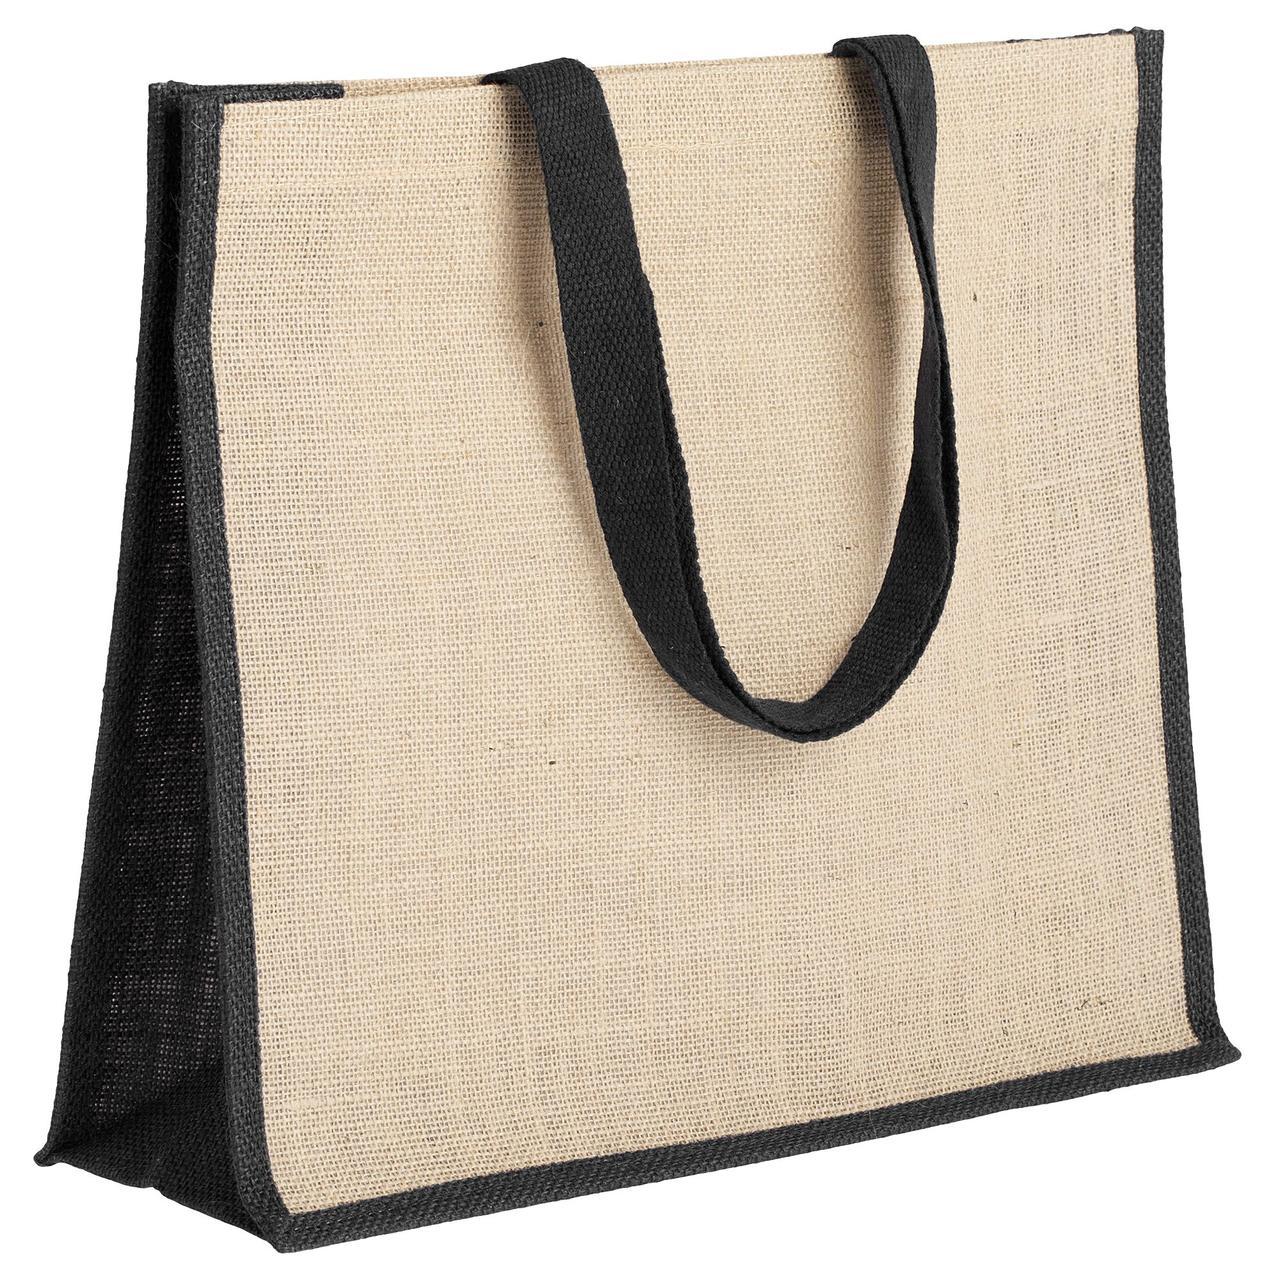 Холщовая сумка для покупок Bagari с черной отделкой (артикул 4866.30)